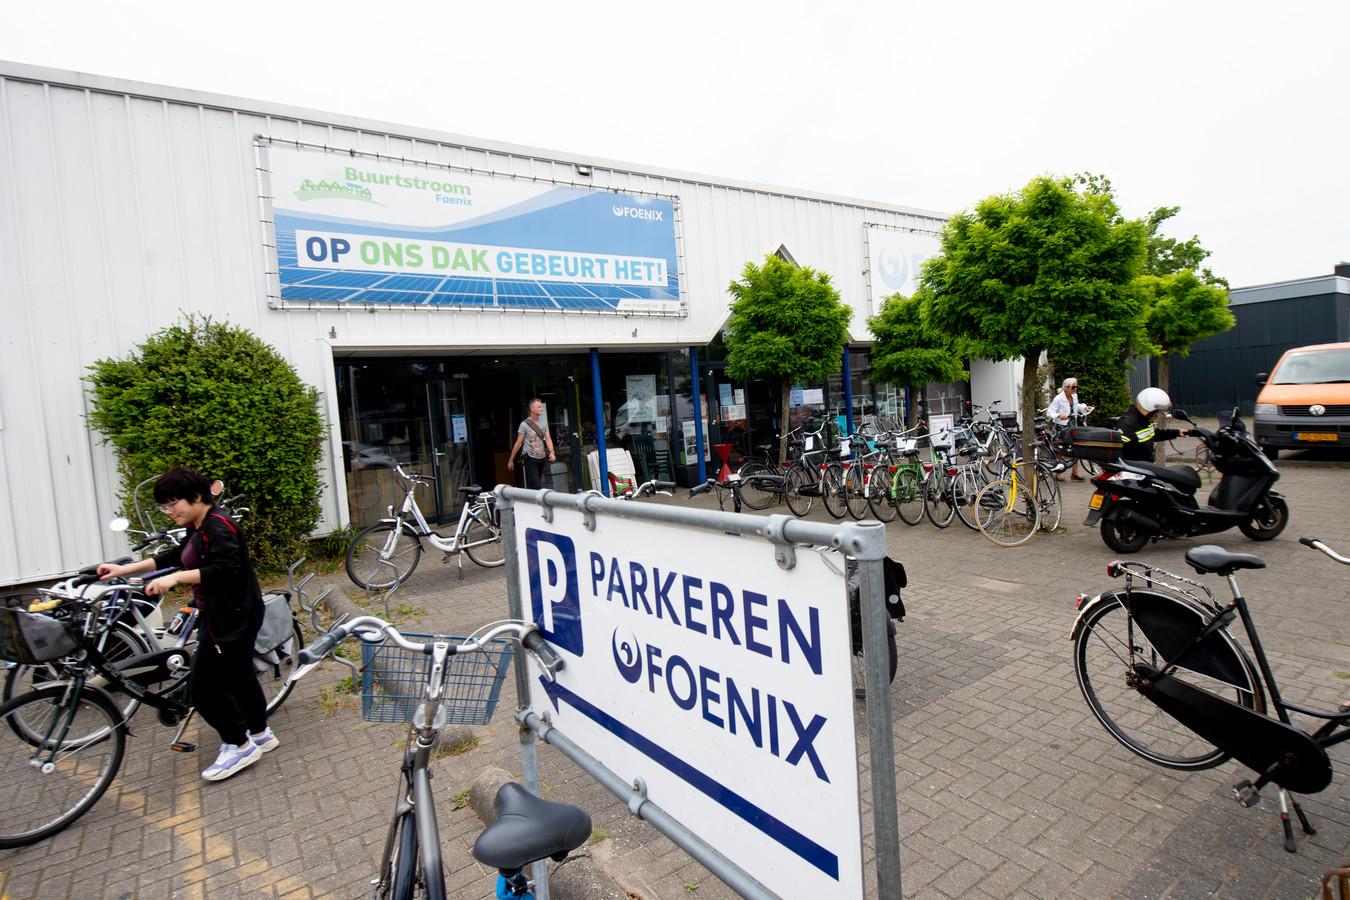 Het gebouw van Foenix aan de Molenmakershoek. Het is de oudste vestiging van het kringloop-bedrijf in Apeldoorn.